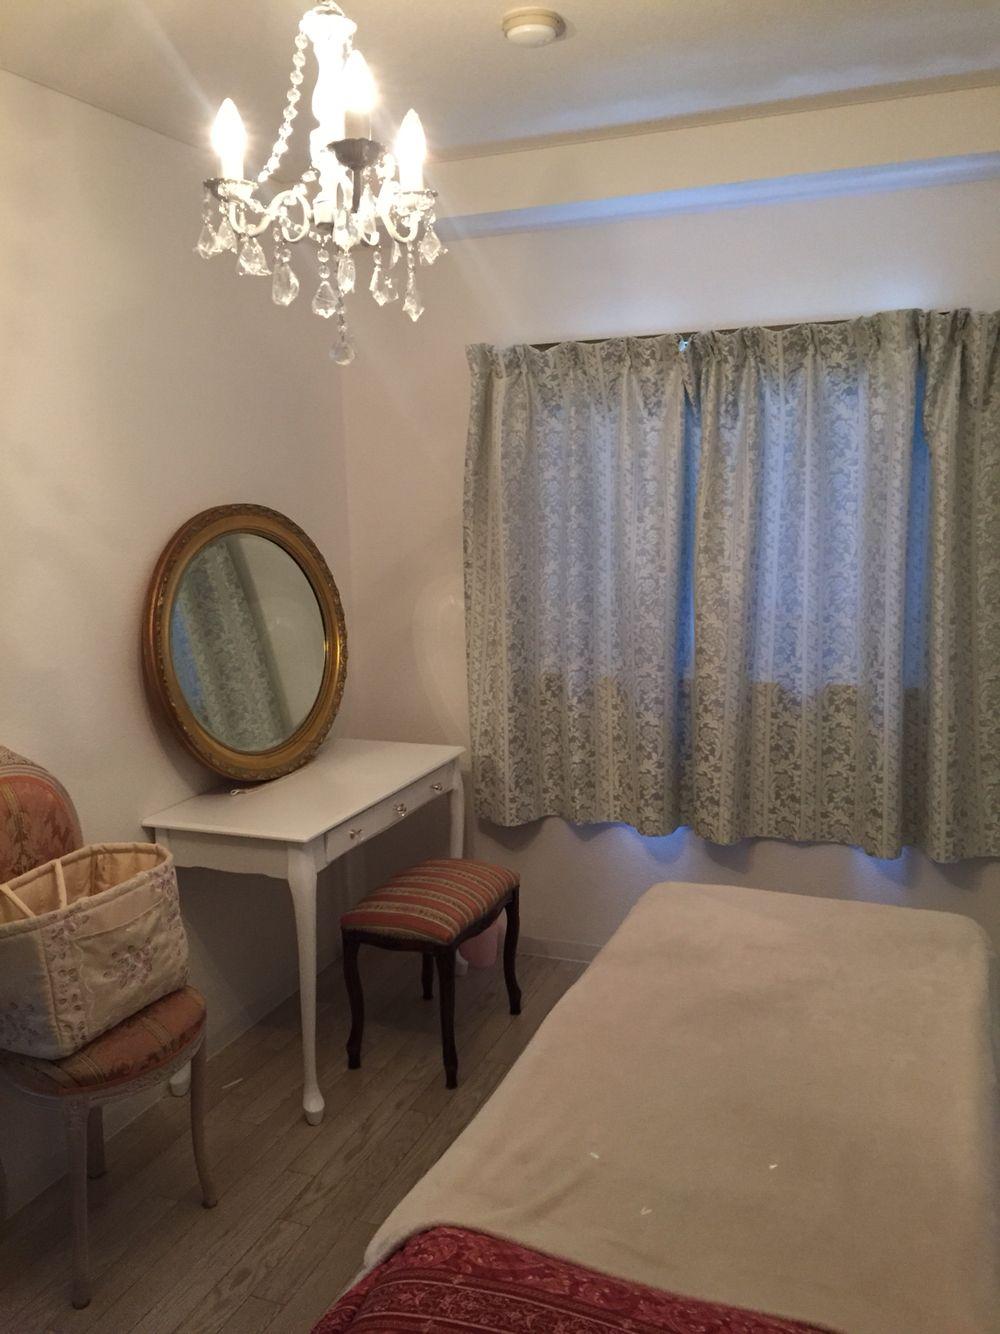 acu salon http://www.saikaacu.com